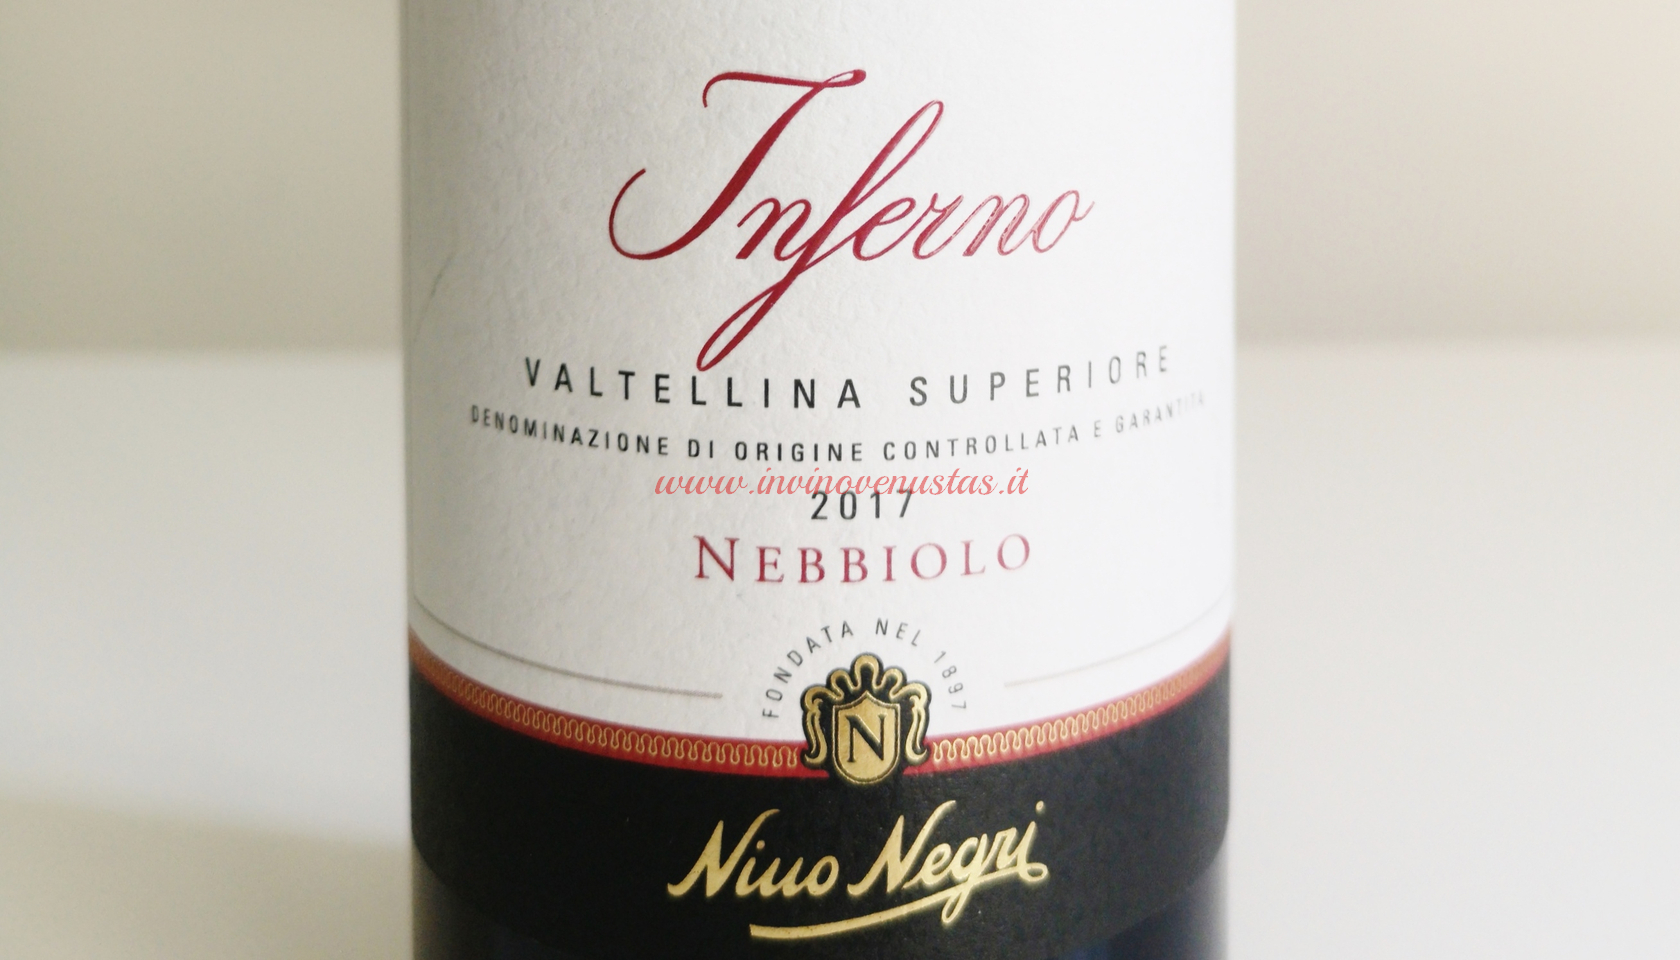 Bottiglia Inferno Valtellina Superiore Nino Negri